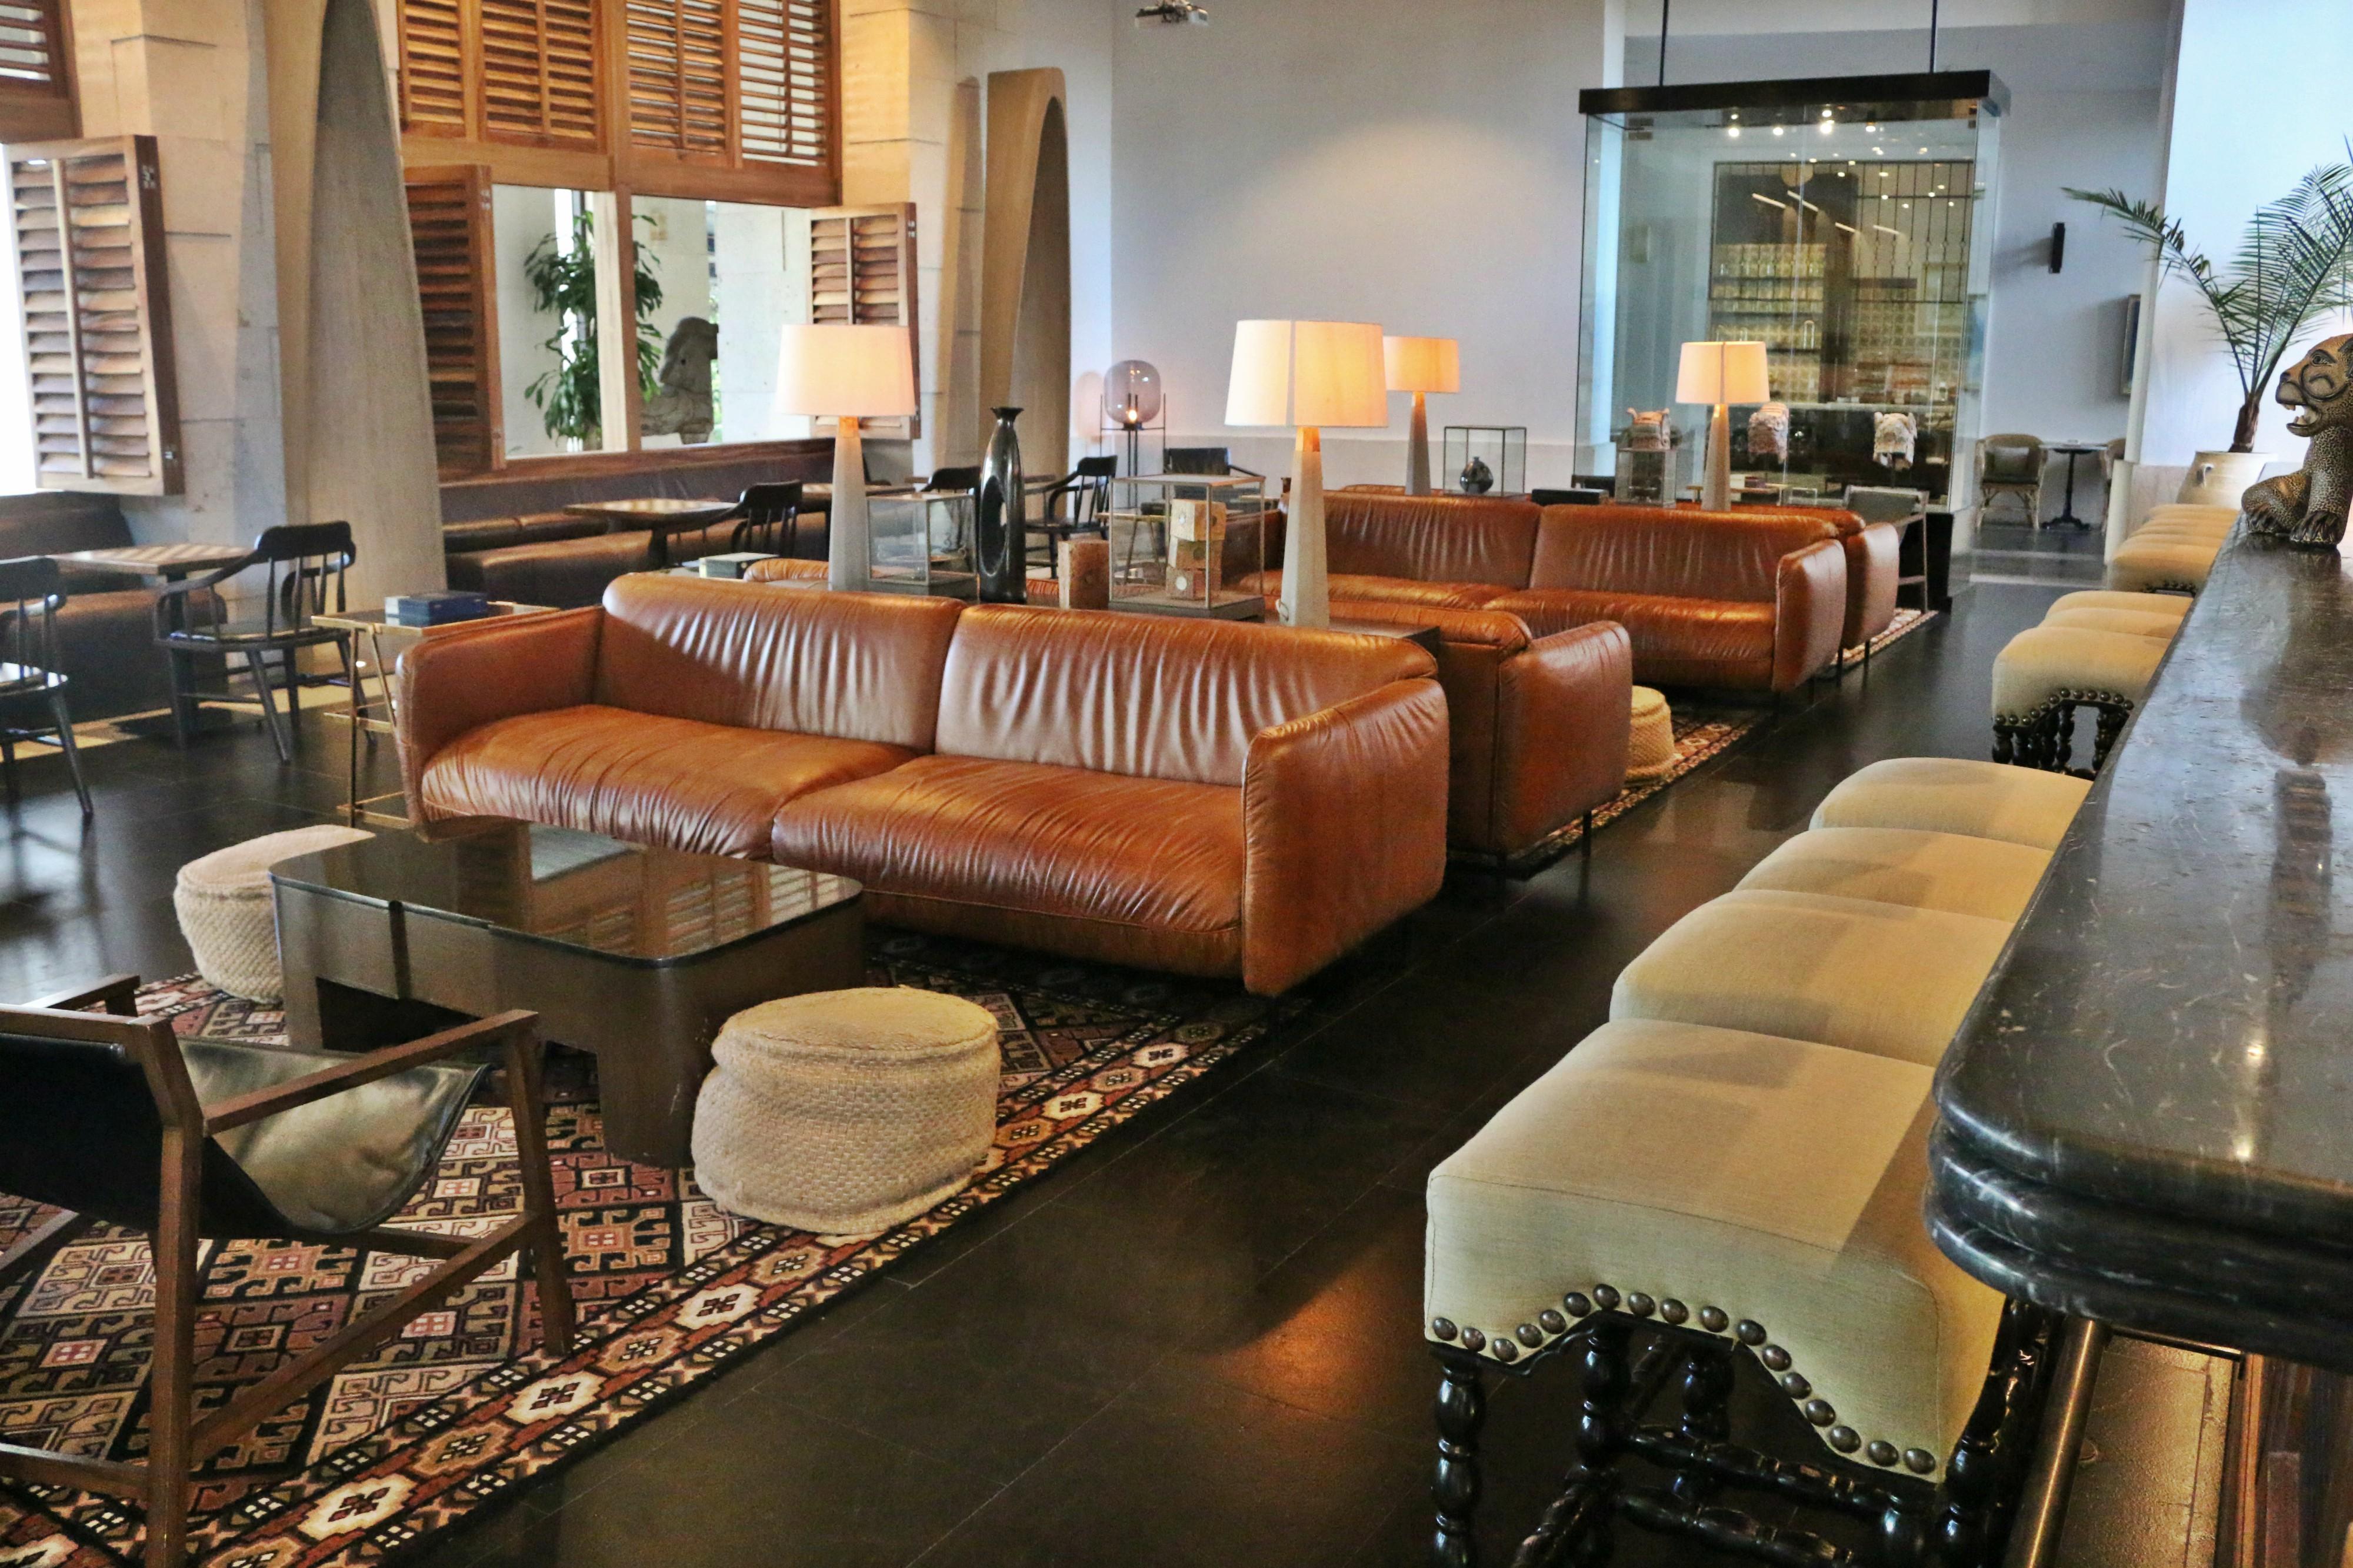 Le bar Balam et son salon sont ouverts, mais les sièges sont espacés et les boissons ne sont pas servies après 22h30. Photo: Christine Hogg pour Pax Global Media.